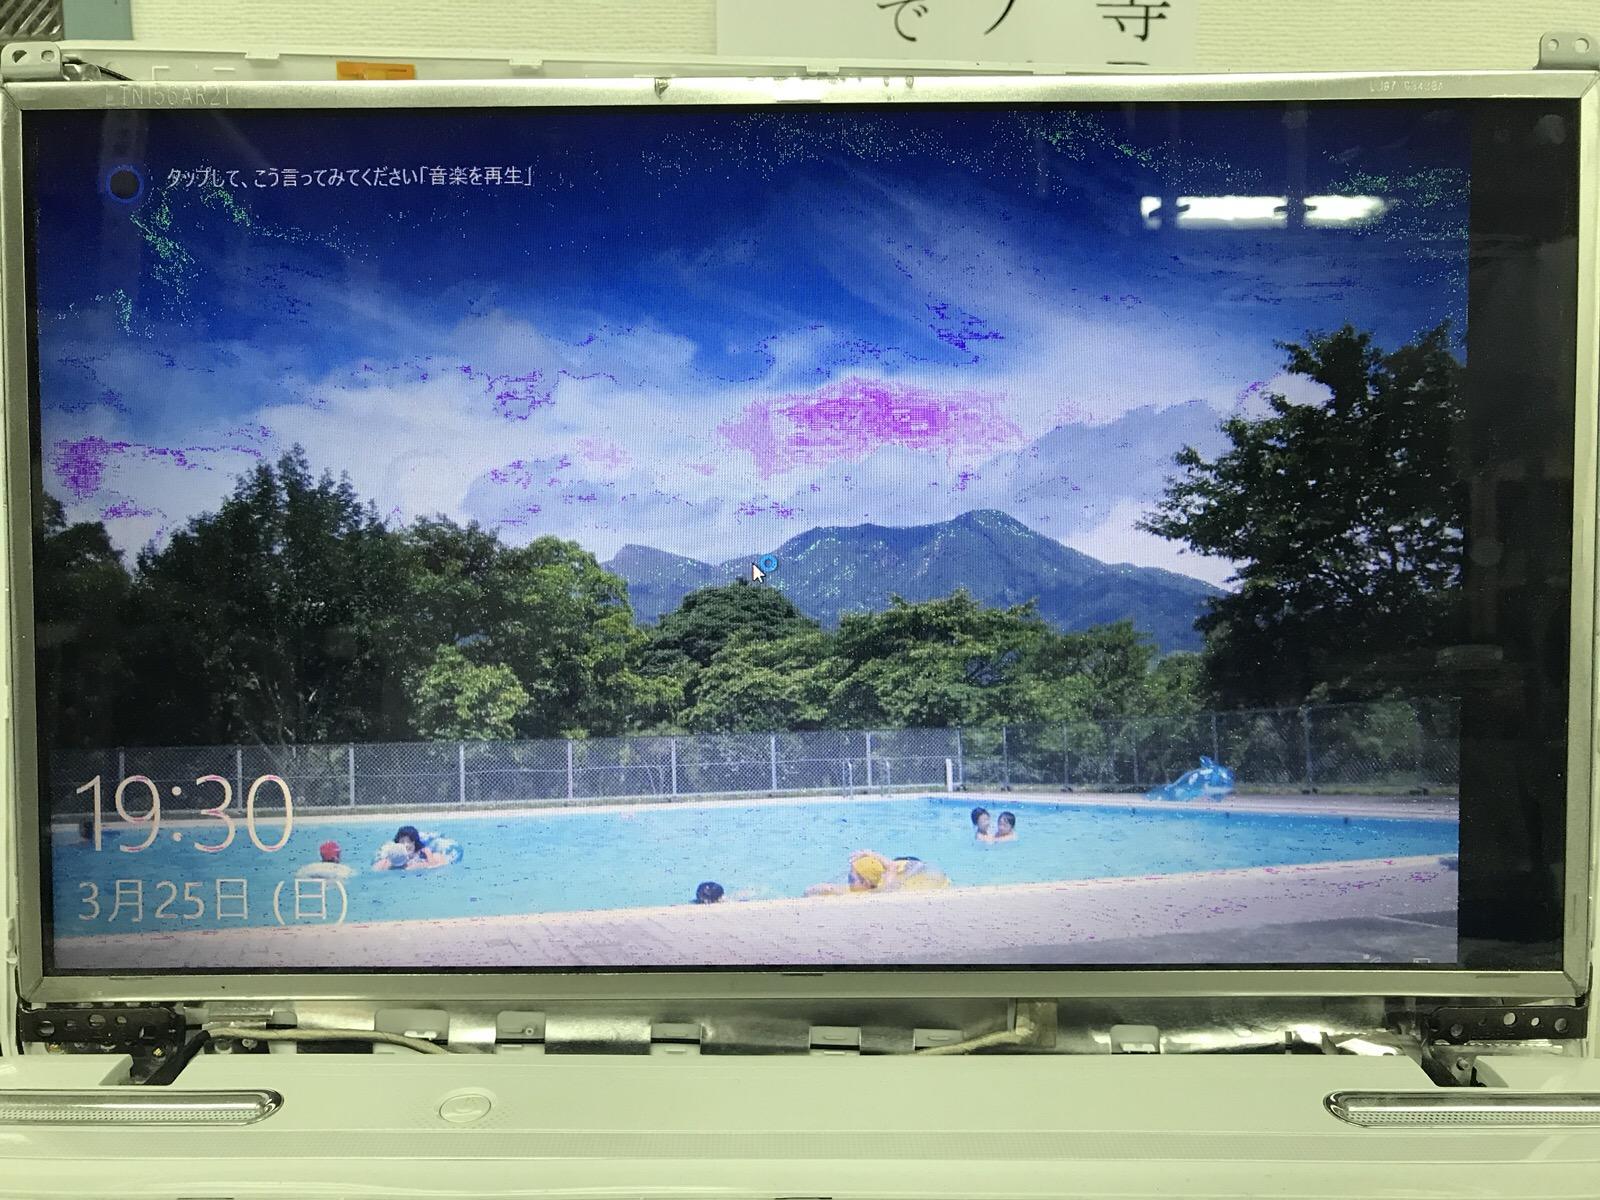 福岡県福岡市 ノートパソコンの液晶パネルの交換/東芝 Windows 10のイメージ